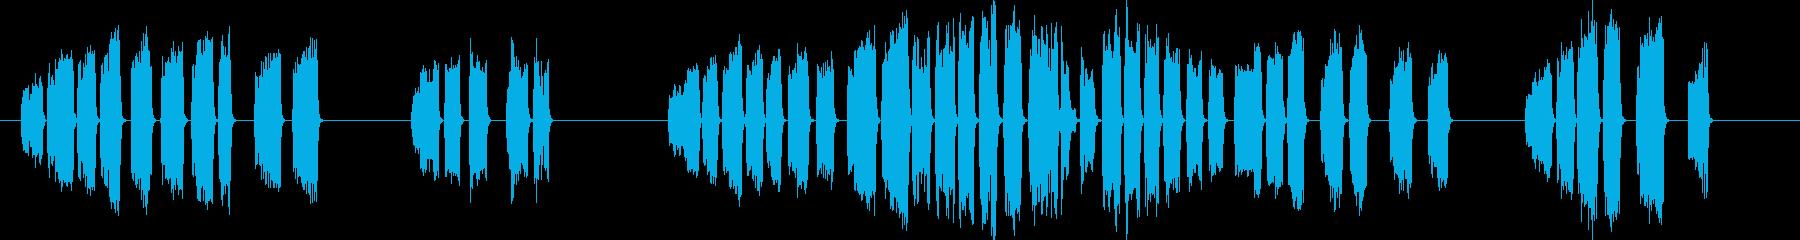 ファルコン、プレーリーコール。大声...の再生済みの波形